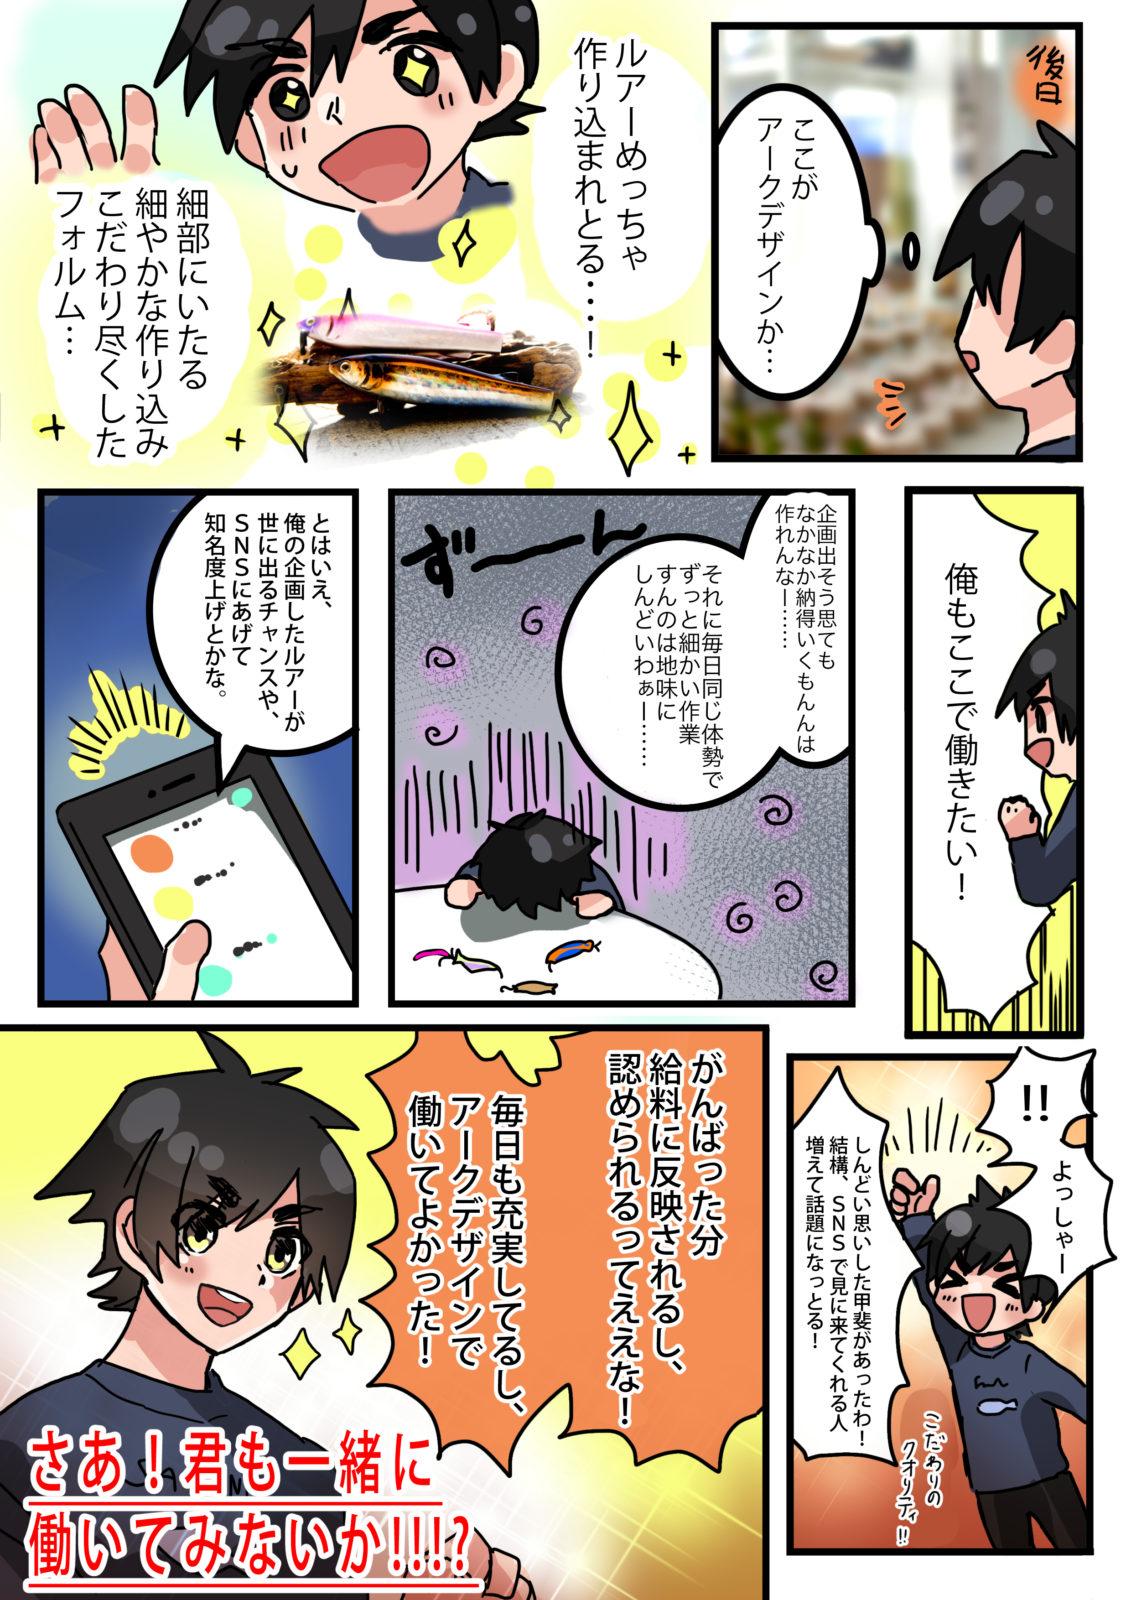 アークデザイン様 求人広告完成漫画_修正_2